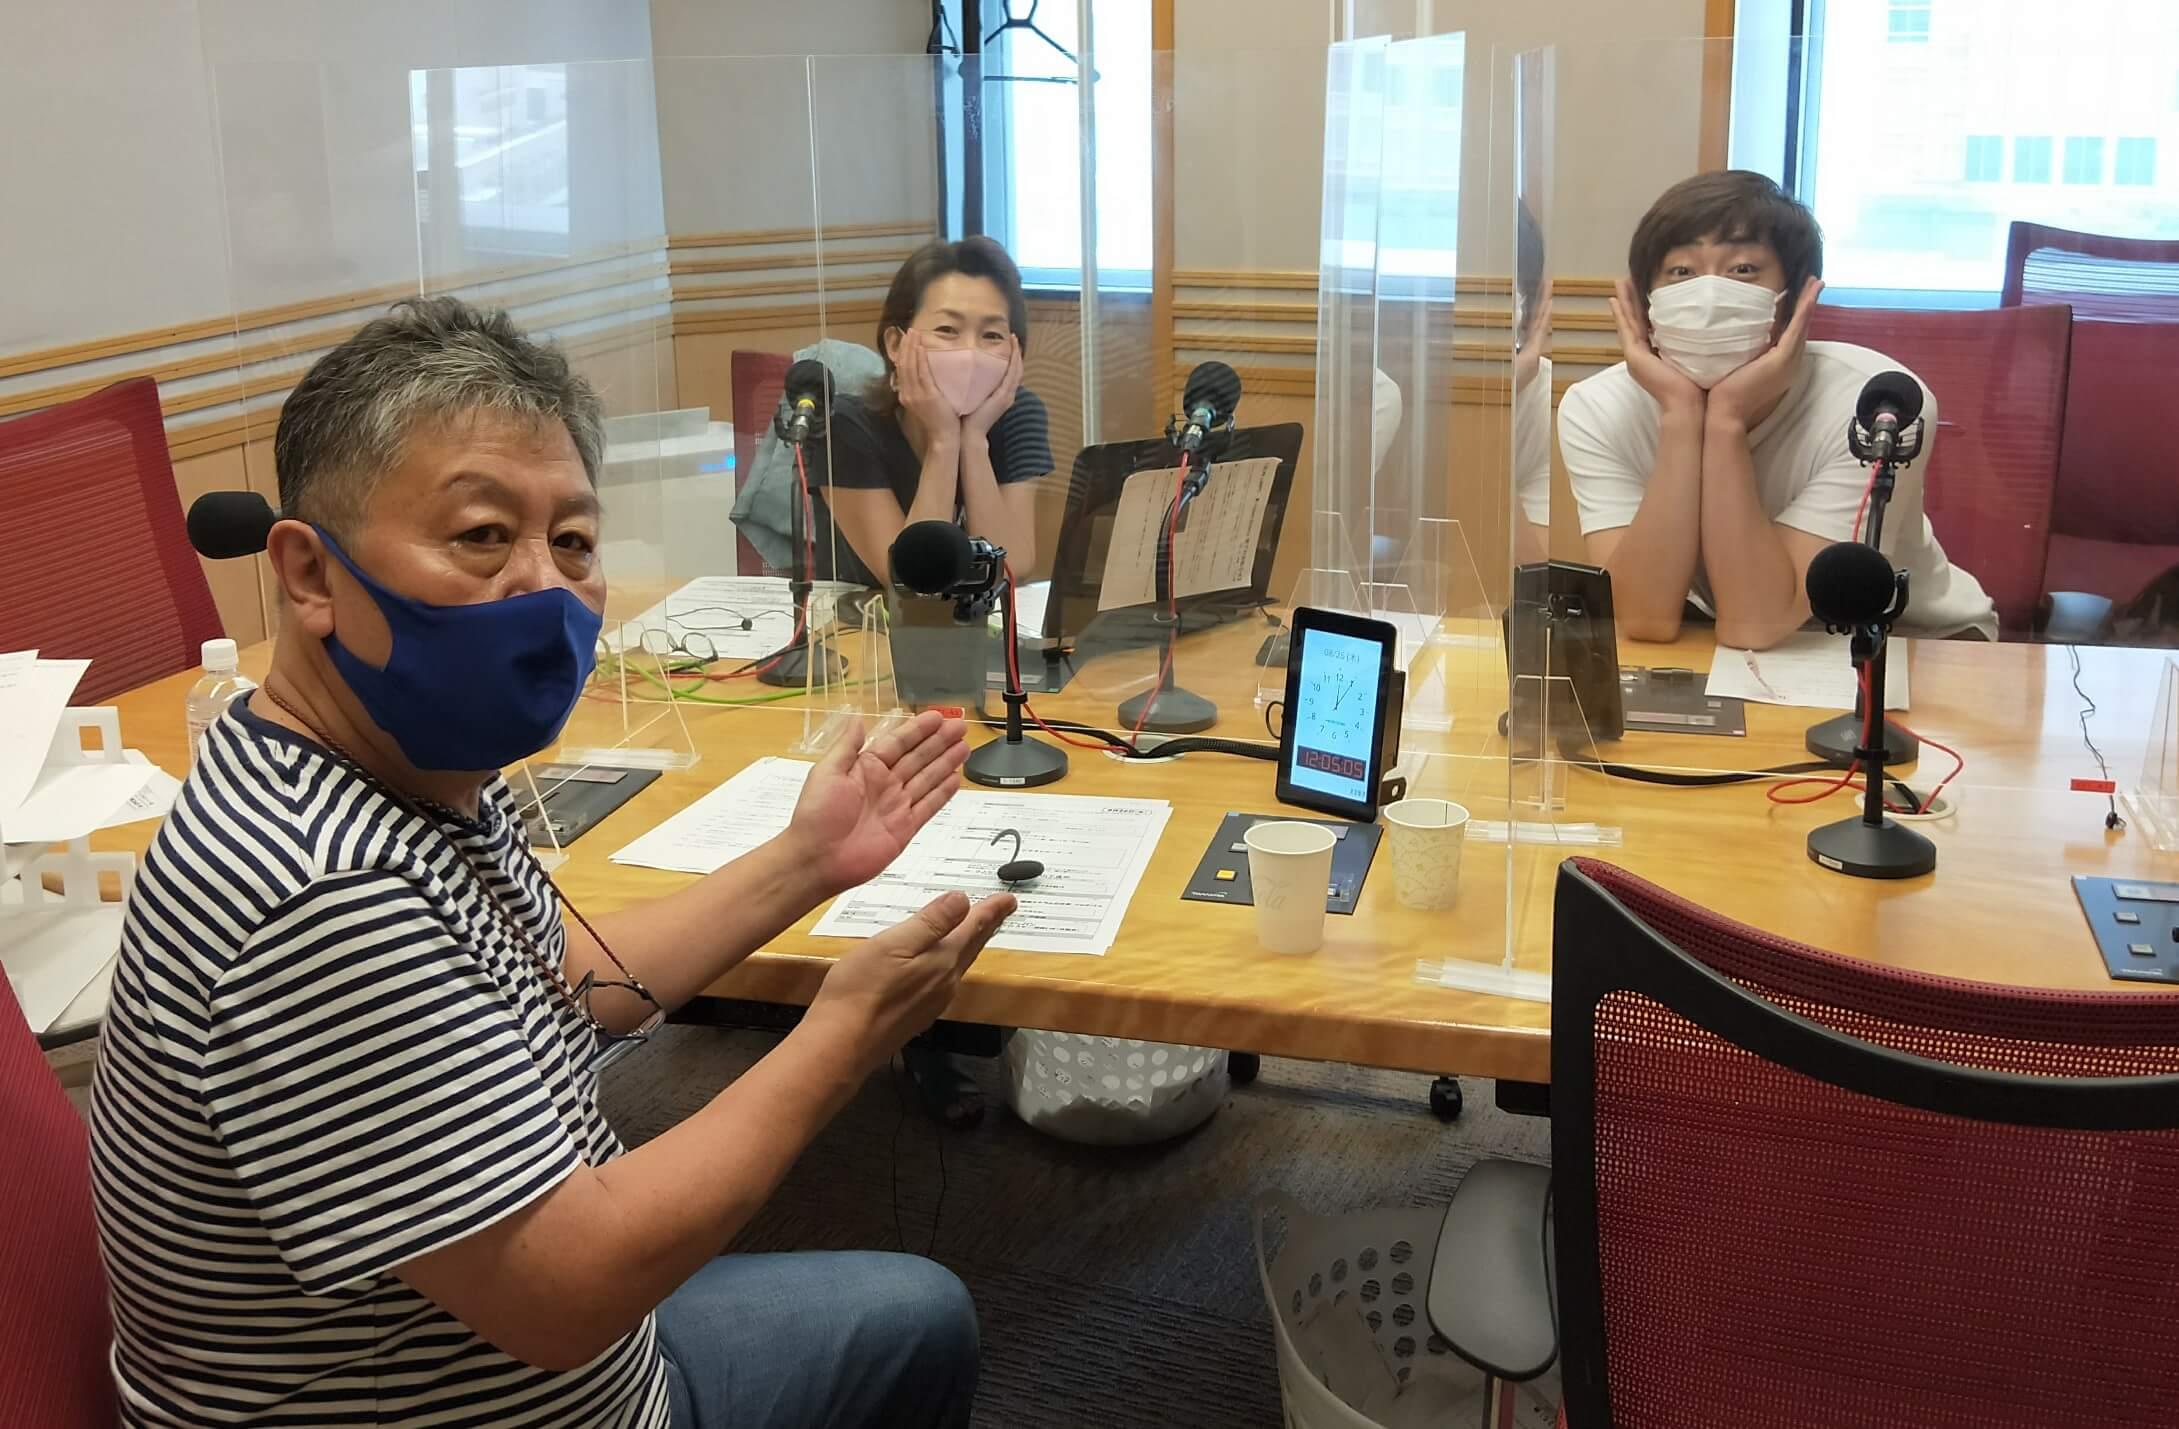 『くにまるジャパン極・くにまるレポーターズ』8月26日(木)のお客様:桂三四郎さん